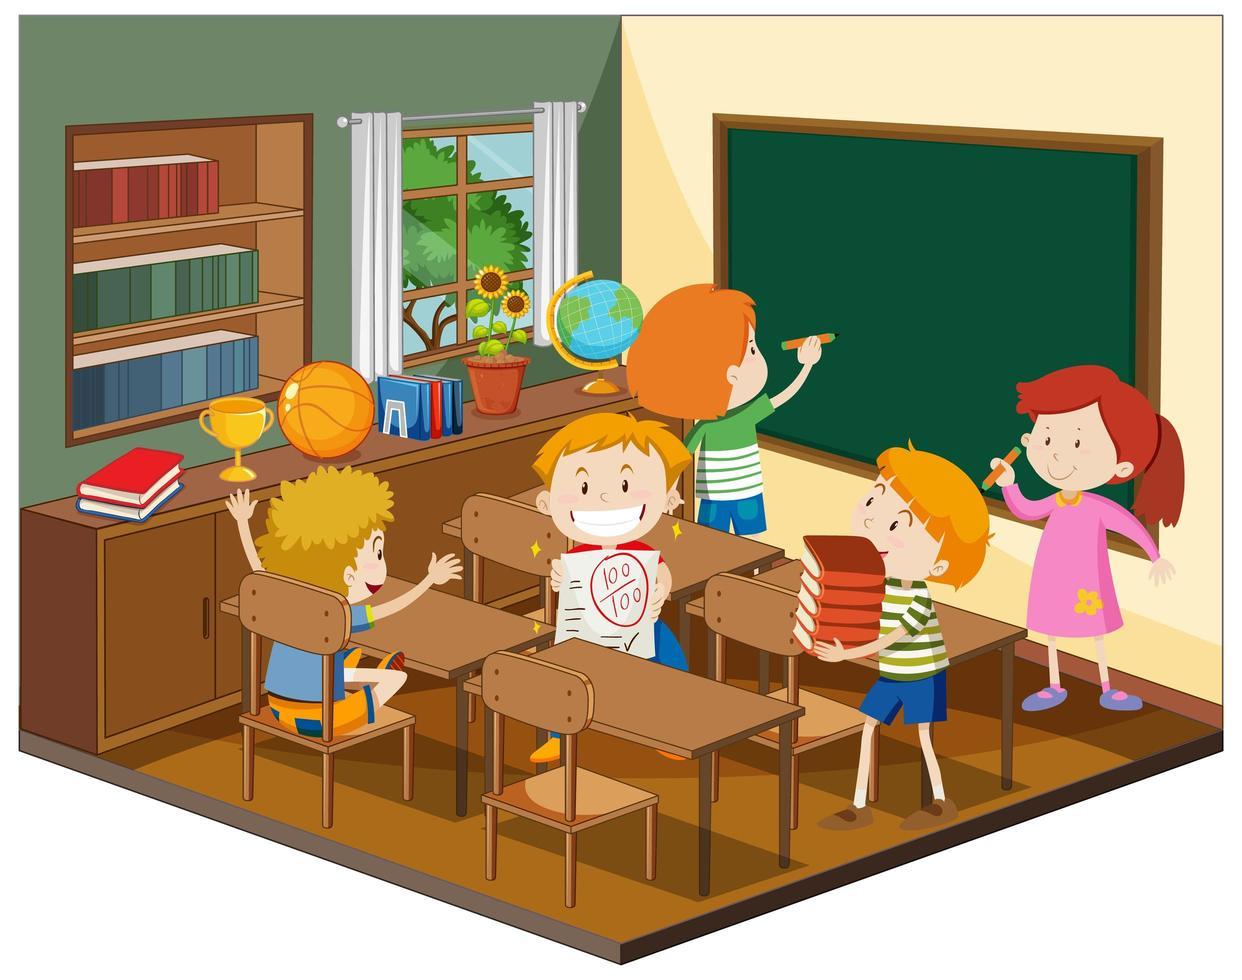 niños en el aula con muebles. vector